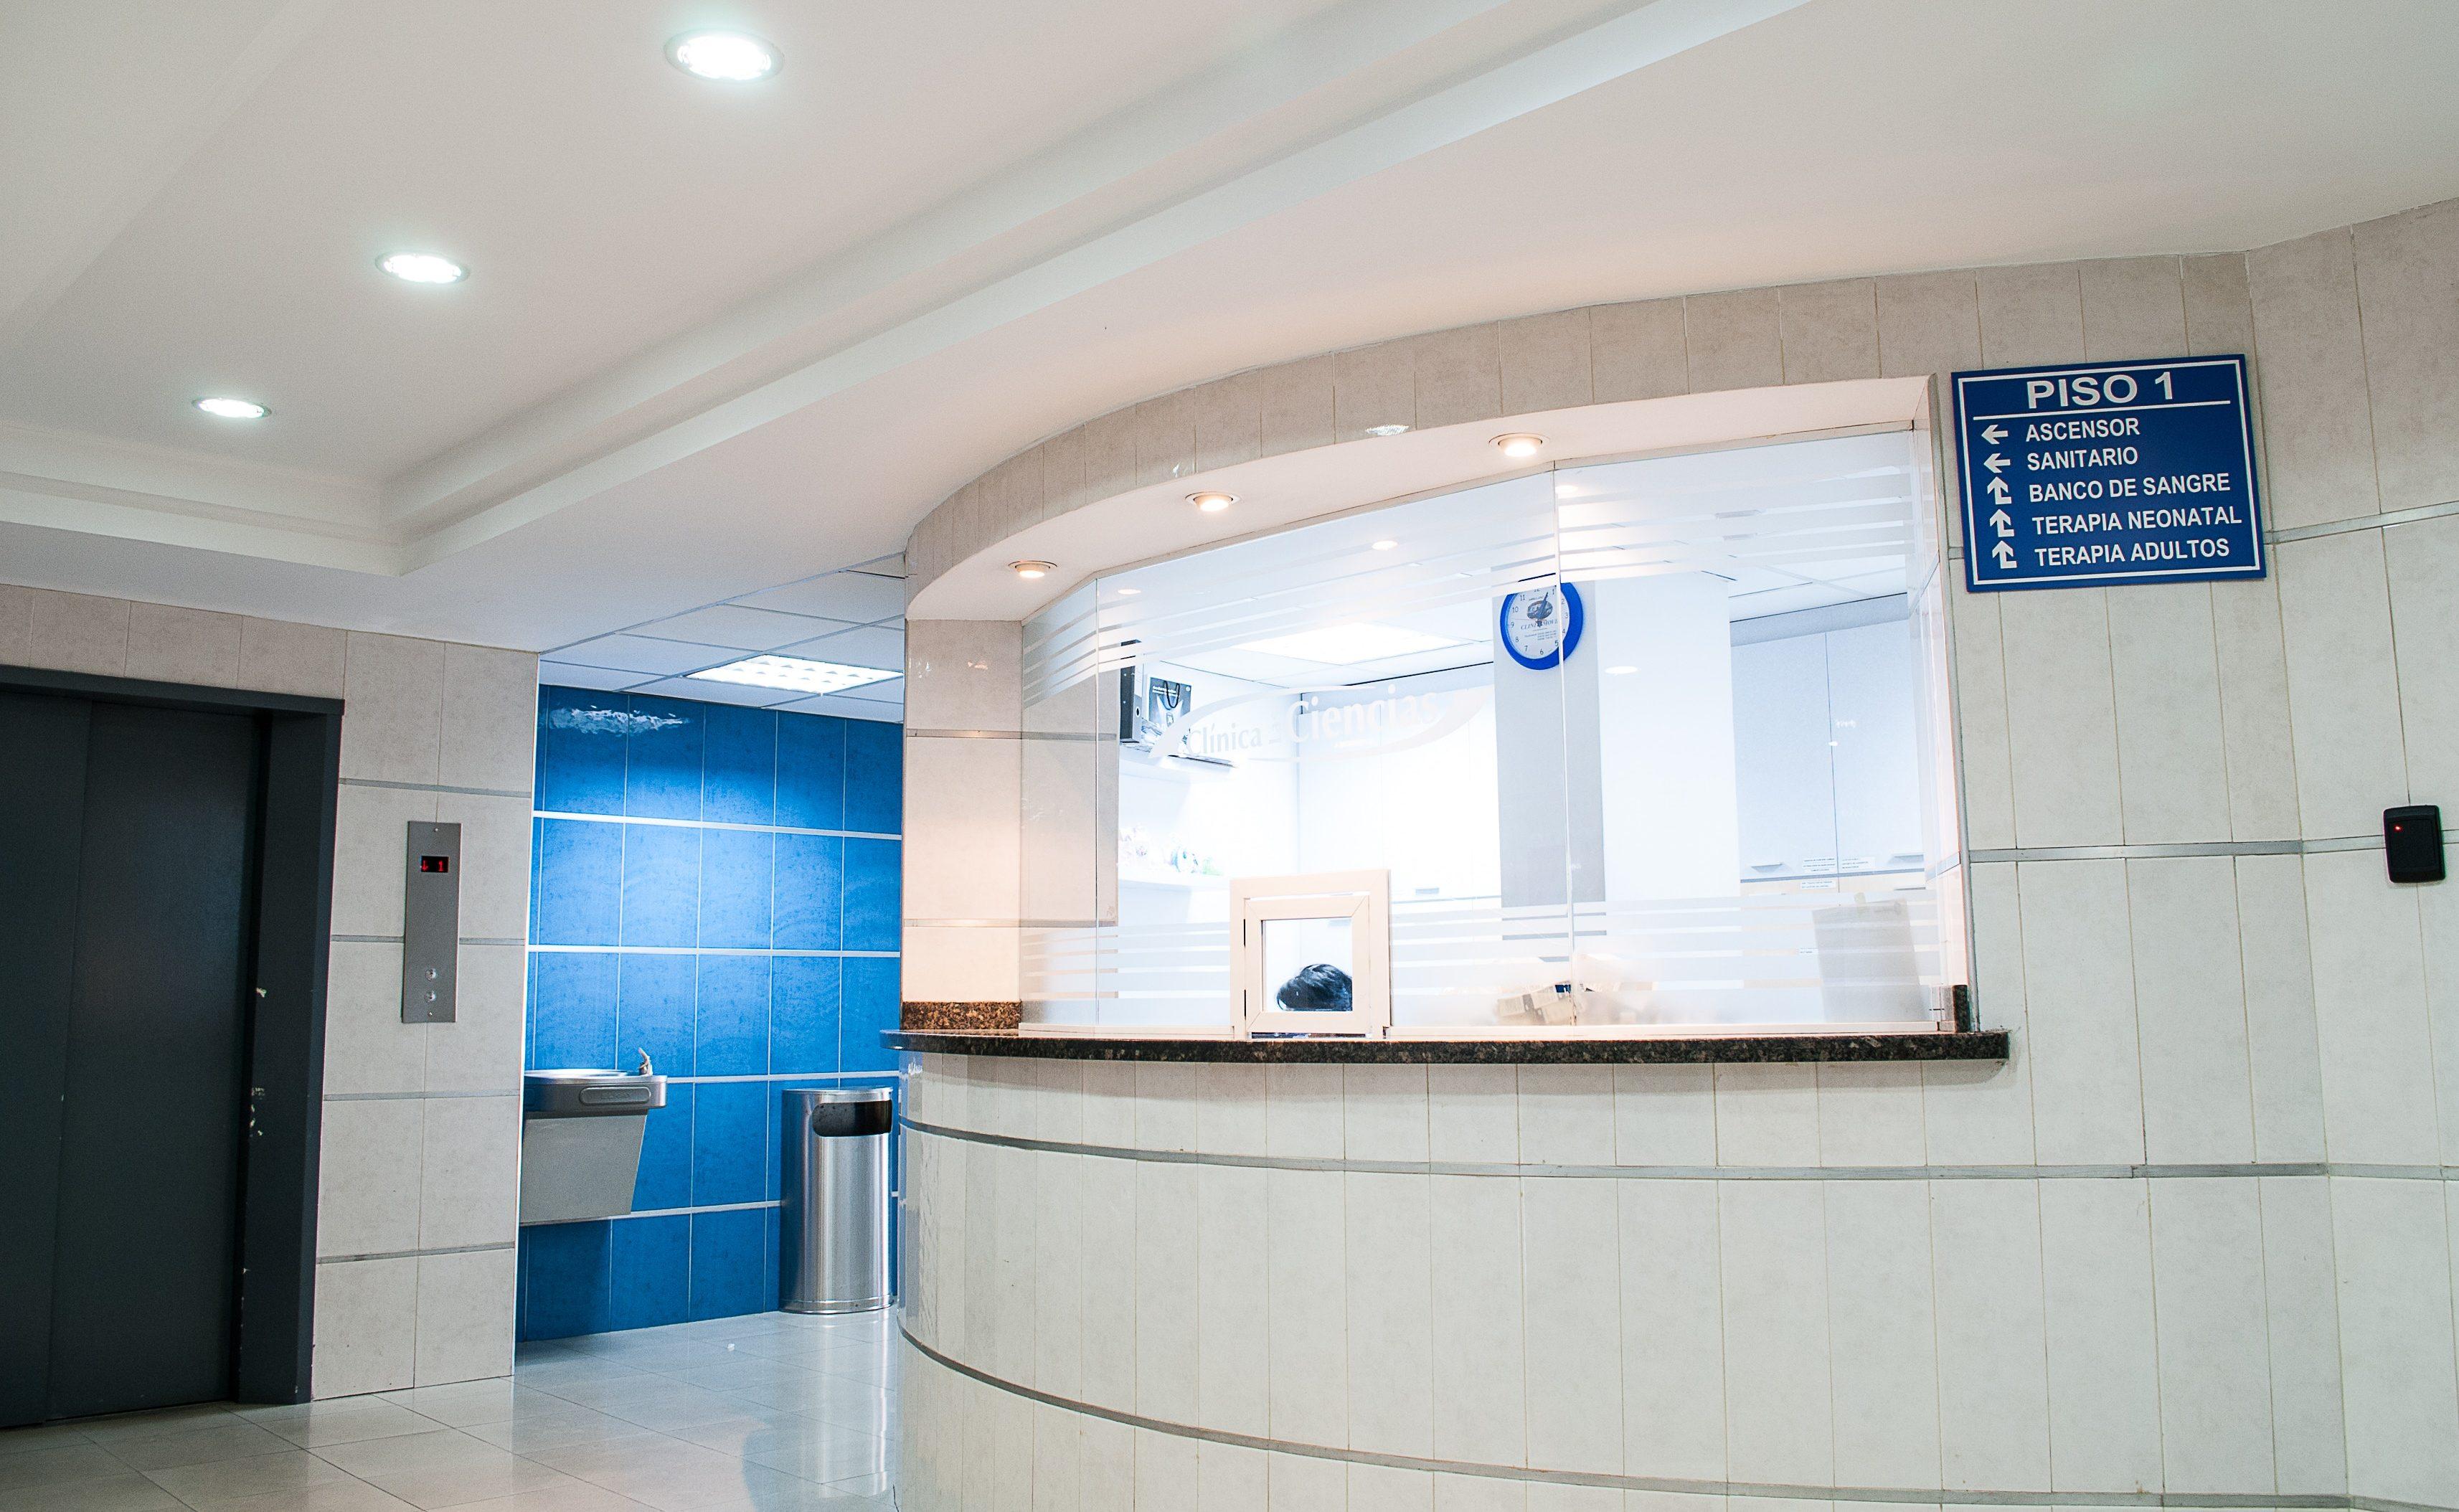 823fddd508ce1c Jak zwiększyć widoczność gabinetu, kliniki czy laboratorium? Pozycjonowanie  branży medycznej. - Delante